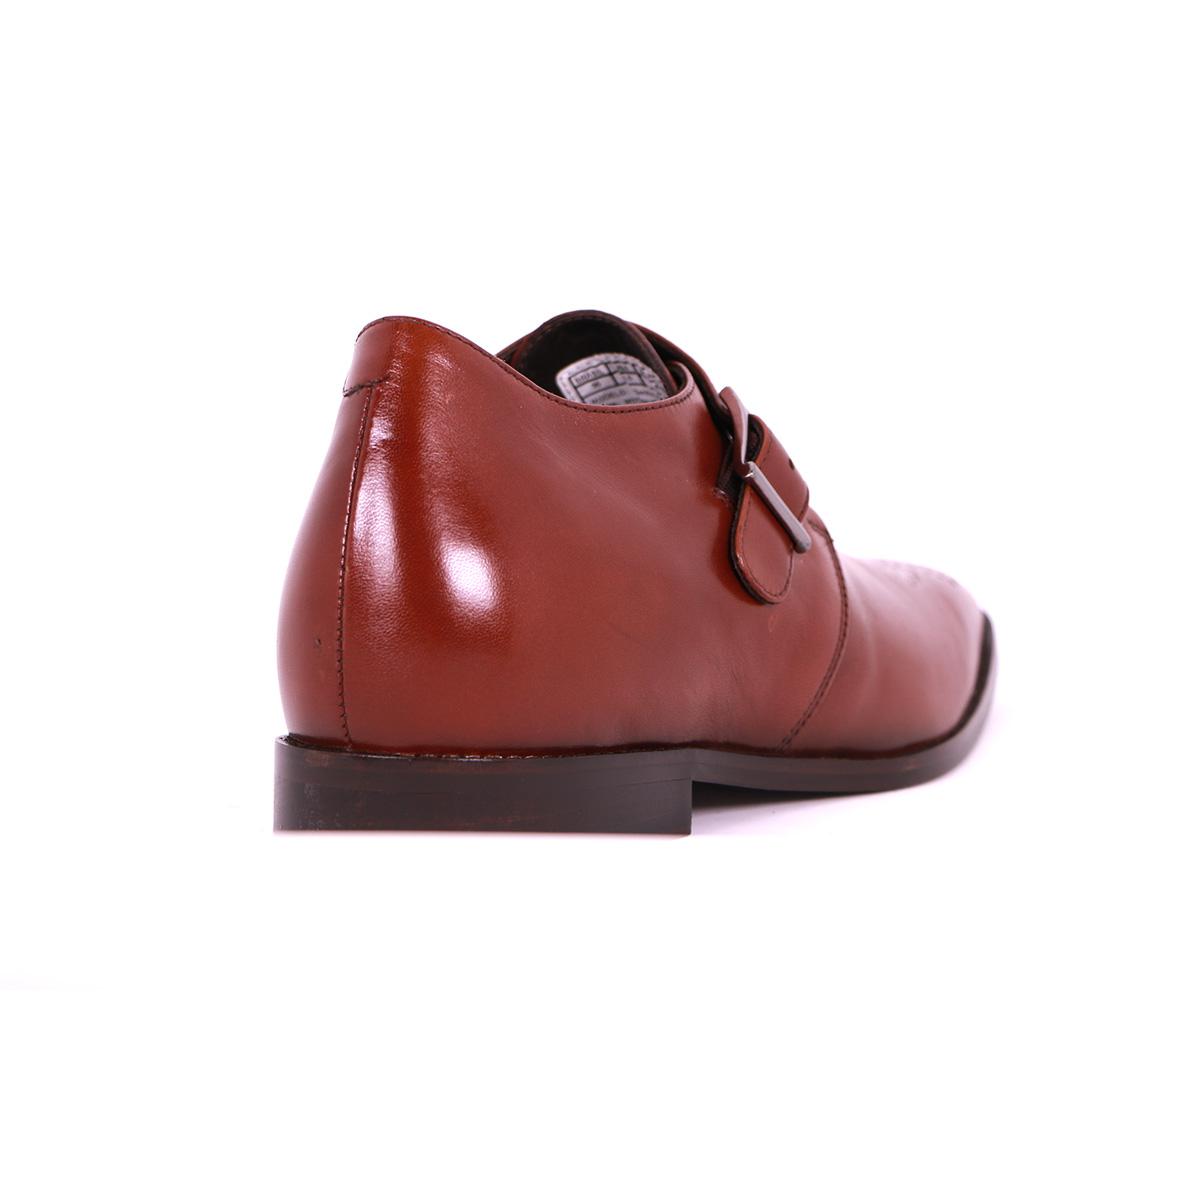 Zapato Formal Gentleman Café Oscuro Max Denegri +7cms de Altura_73377